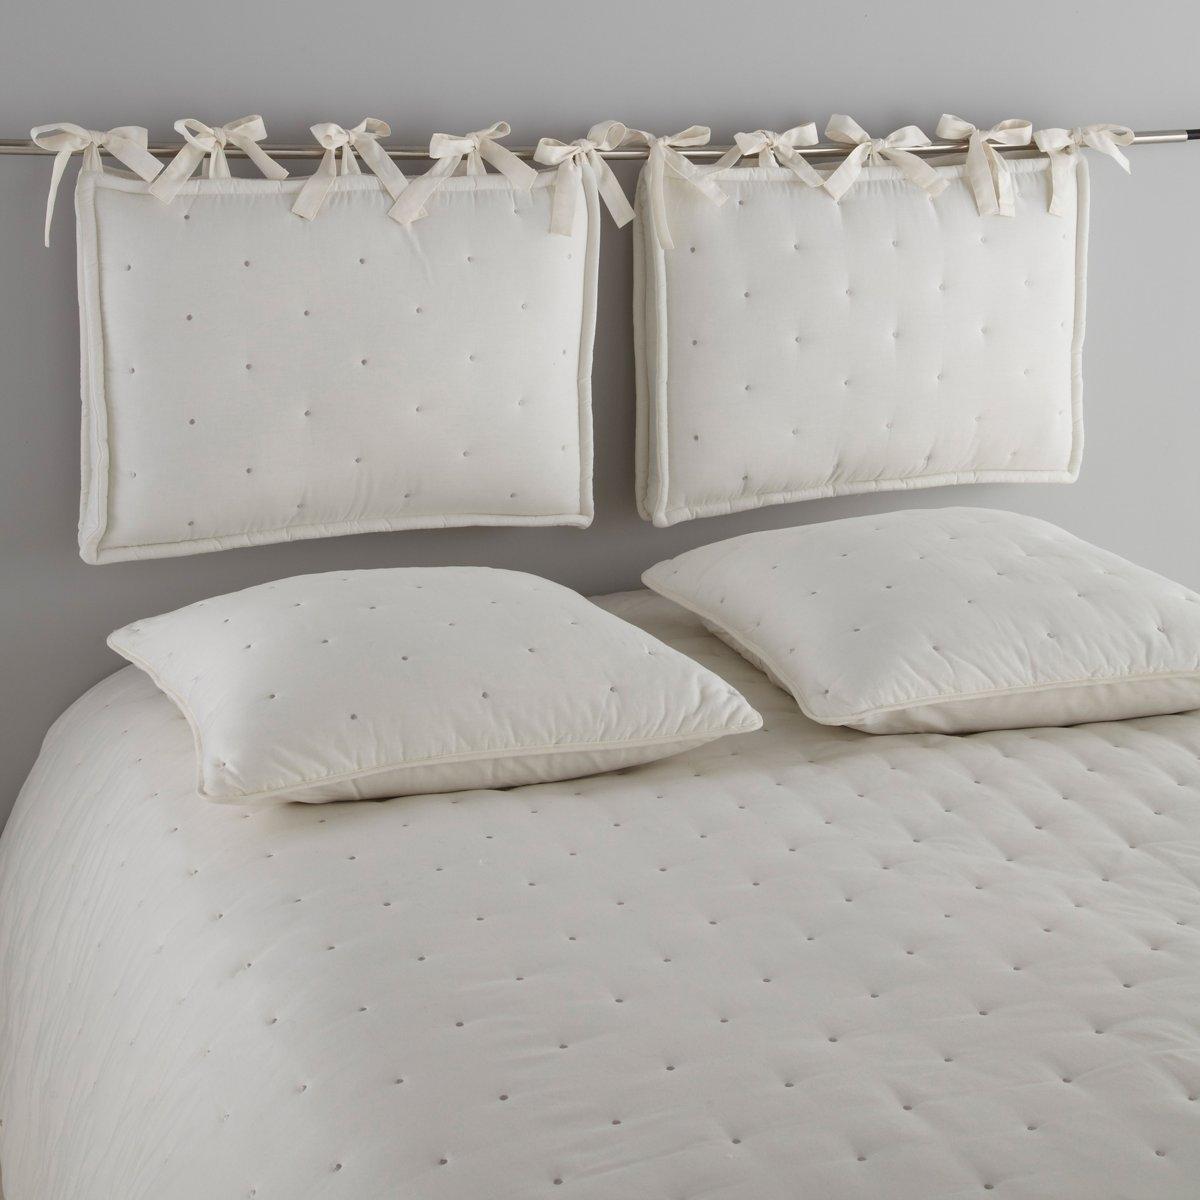 Подушка для изголовья кроватиСтеганая подушка для изголовья кровати A?ri. 100% хлопка. Контрастная вышивка кругами. Наполнитель из полиэстера (1100 г/м?). С широкими завязками. Толщина 11 см. Размер: 50 х 70 см.<br><br>Цвет: бледный сине-зеленый,розовая пудра/серо-бежевый,экрю/серо-бежевый